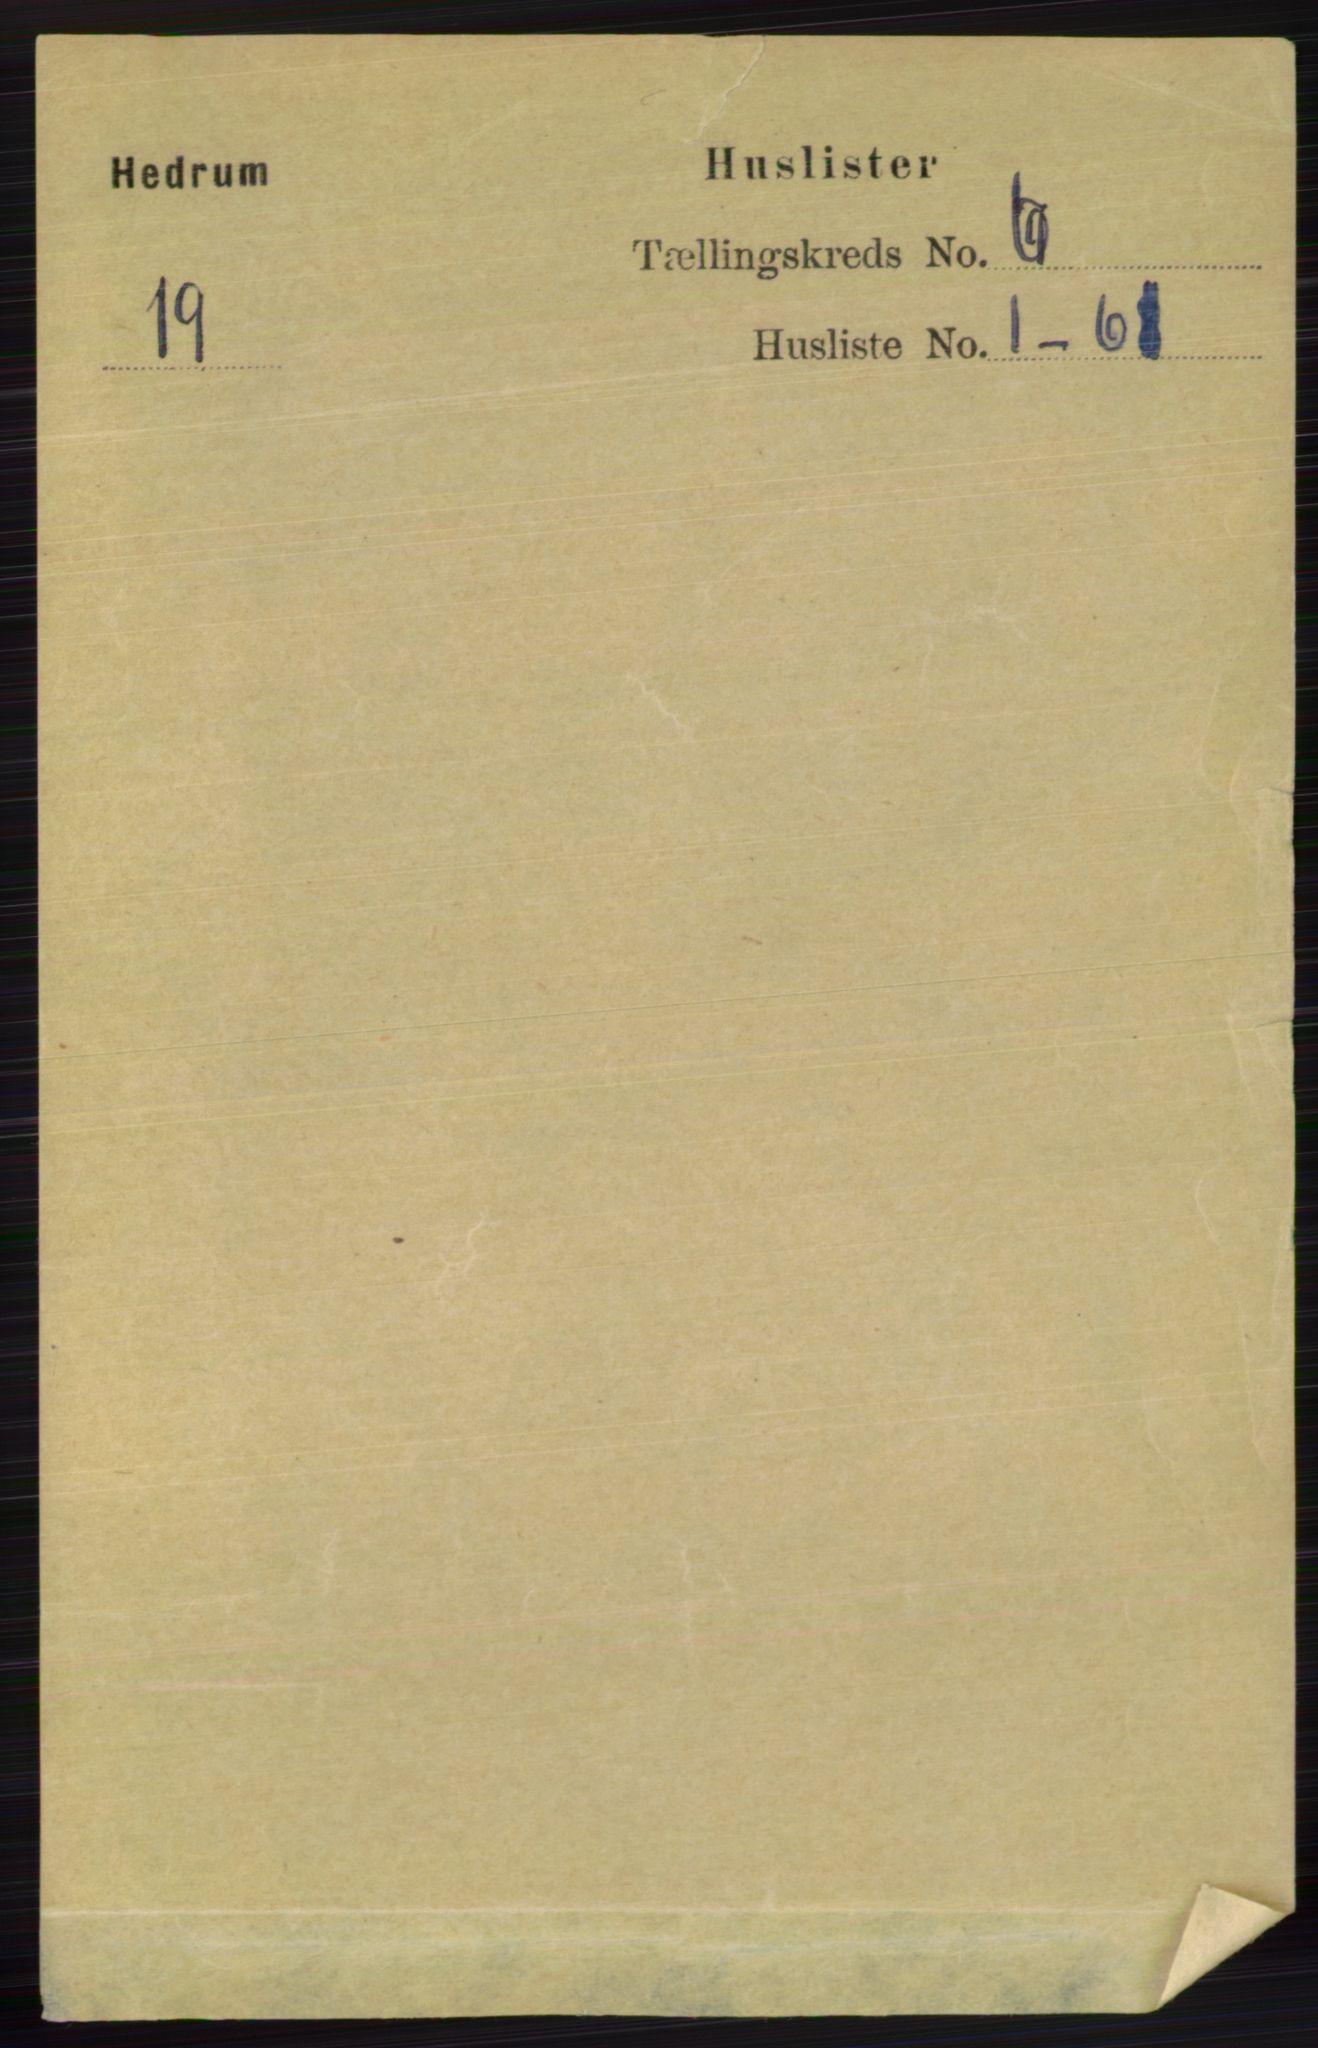 RA, Folketelling 1891 for 0727 Hedrum herred, 1891, s. 2476